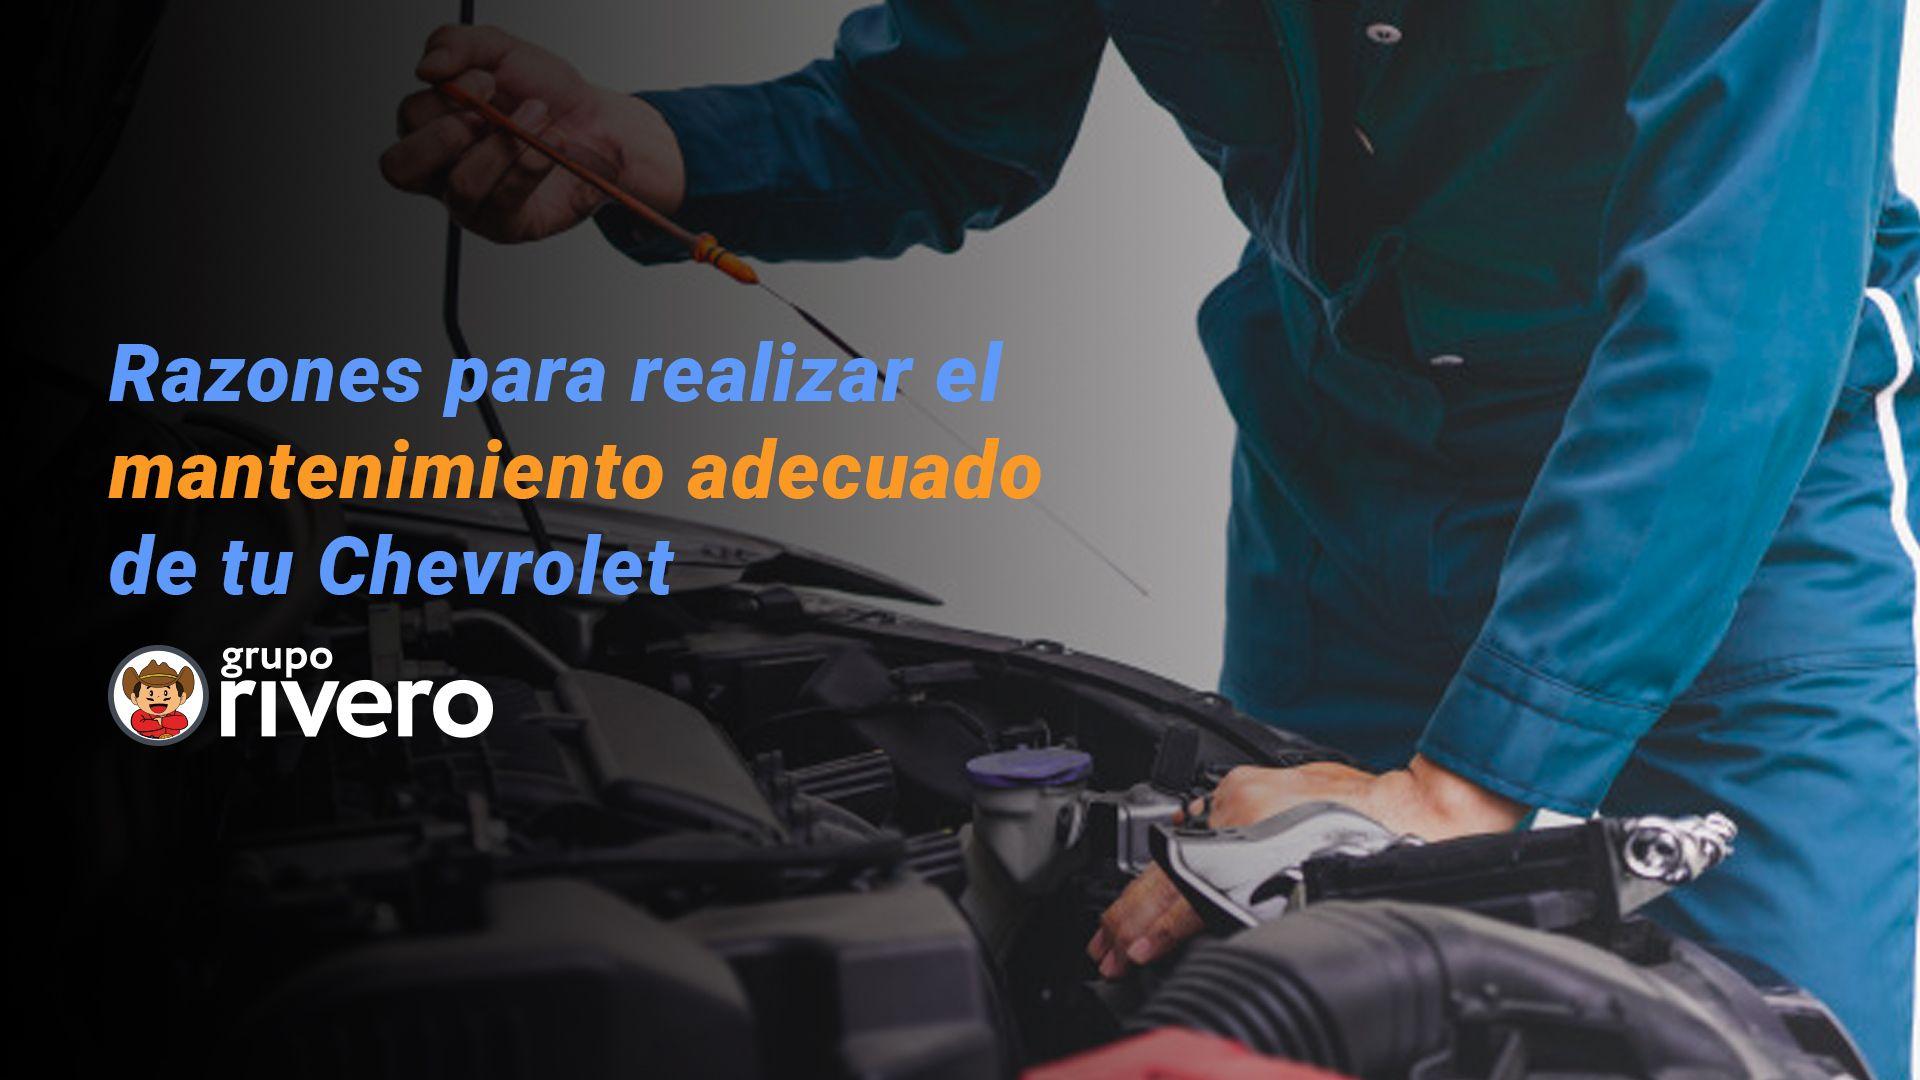 Conoce las razones para realizar el mantenimiento adecuado de tu Chevrolet.